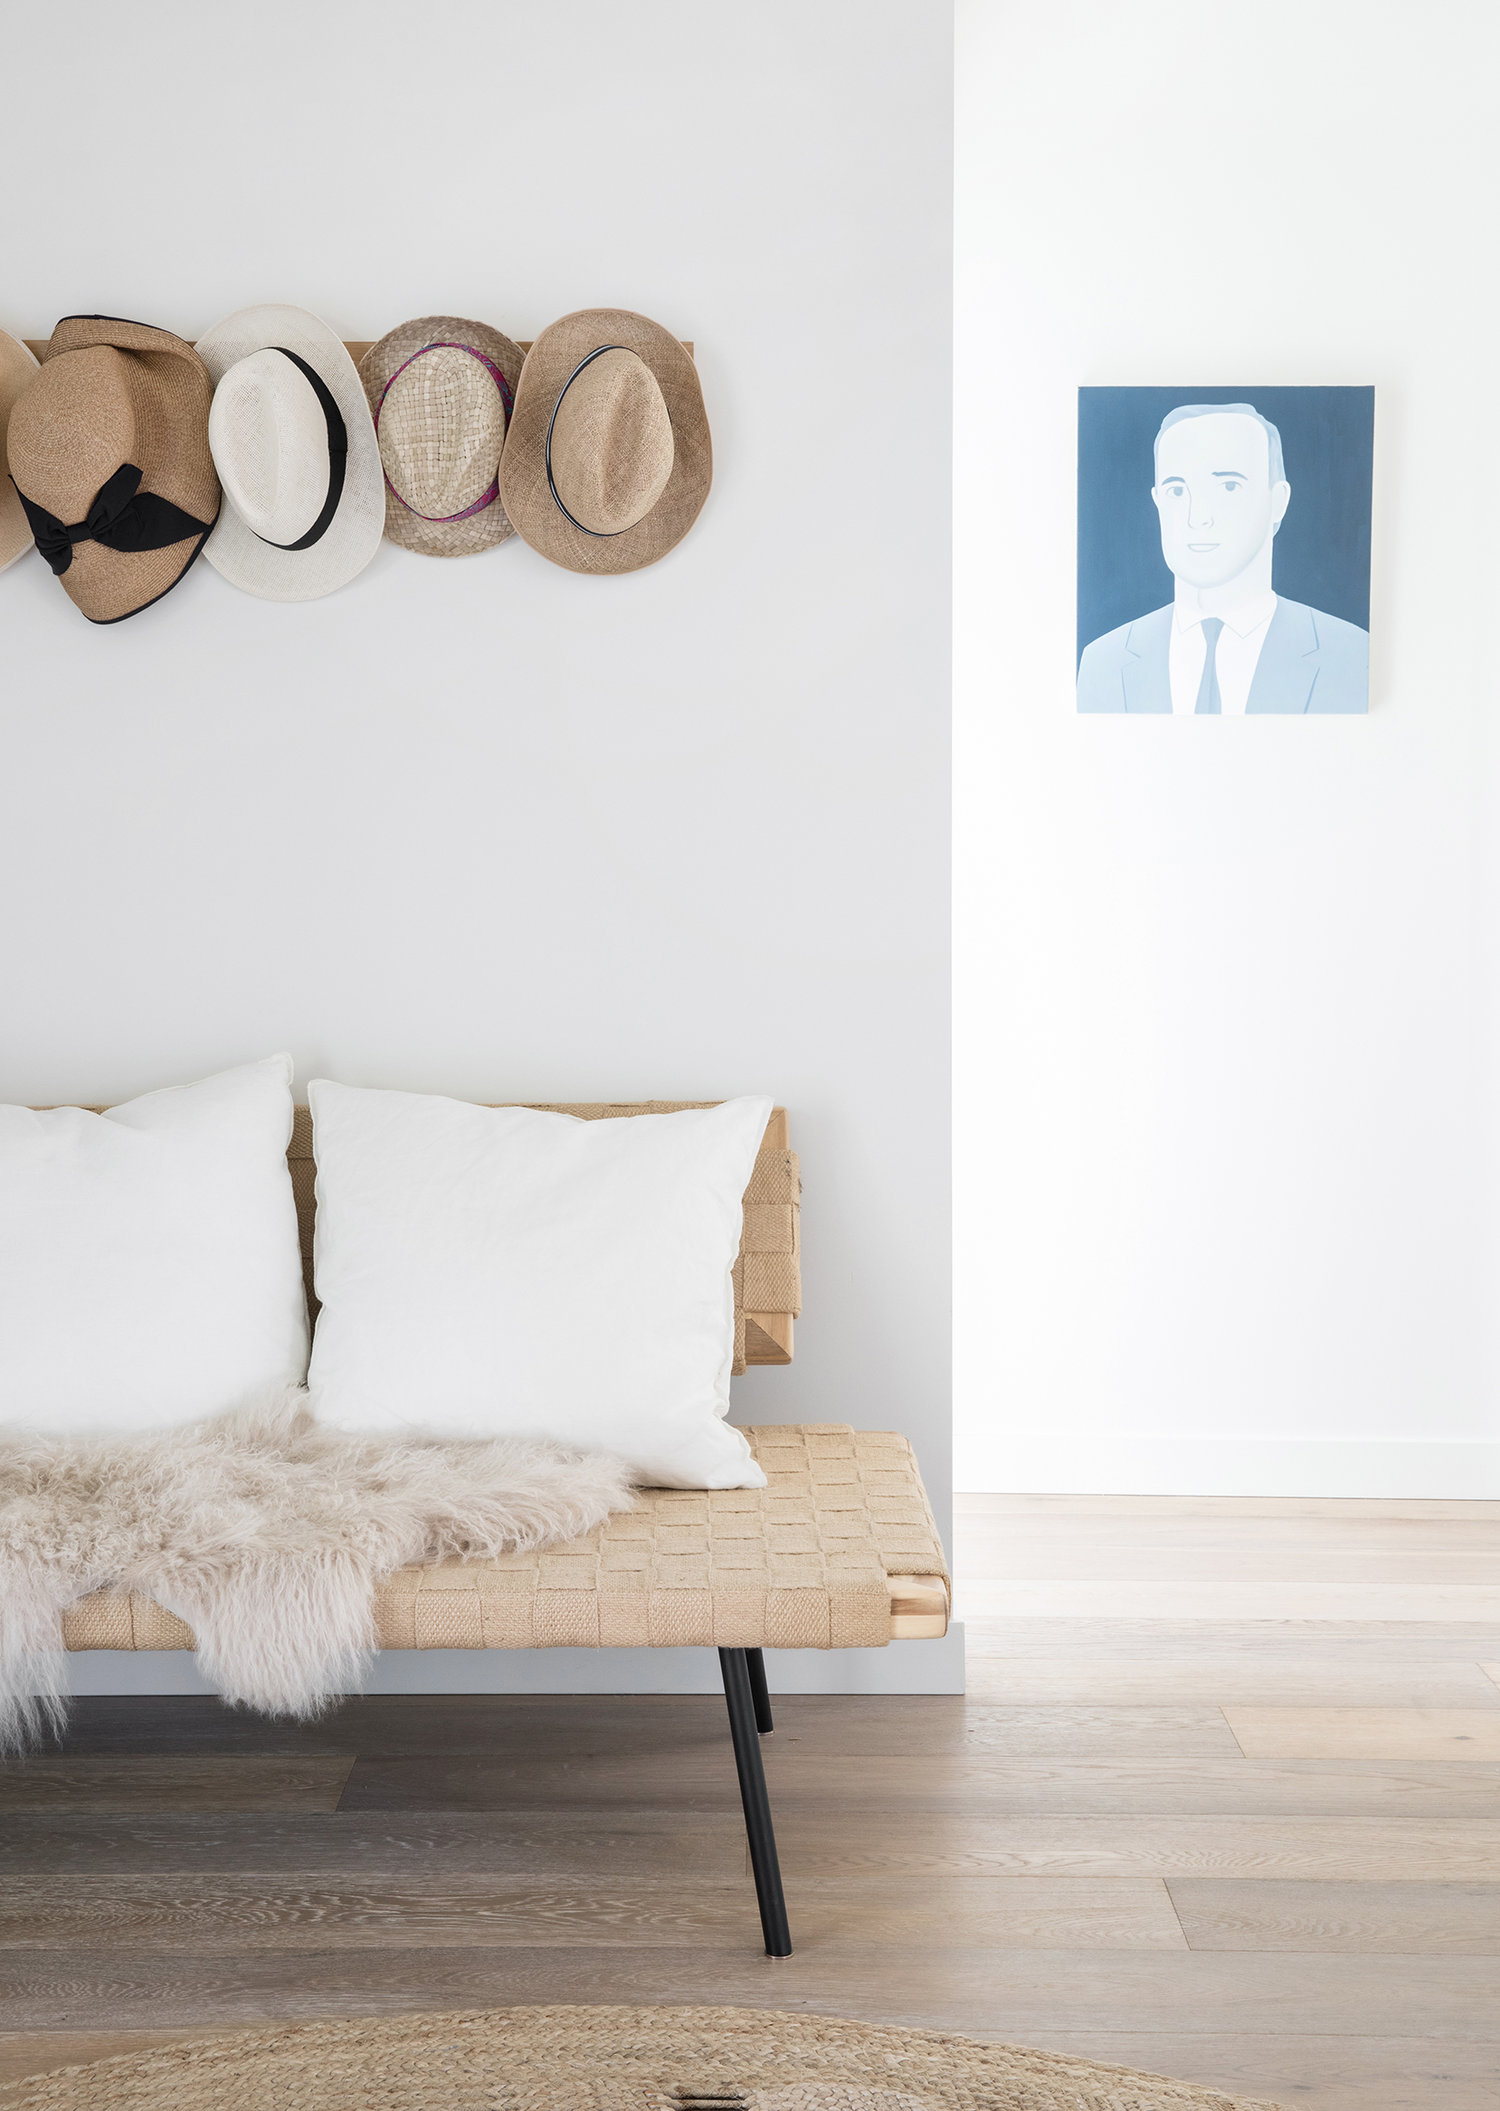 chapeaux suspendus comme art | Coco Kelley